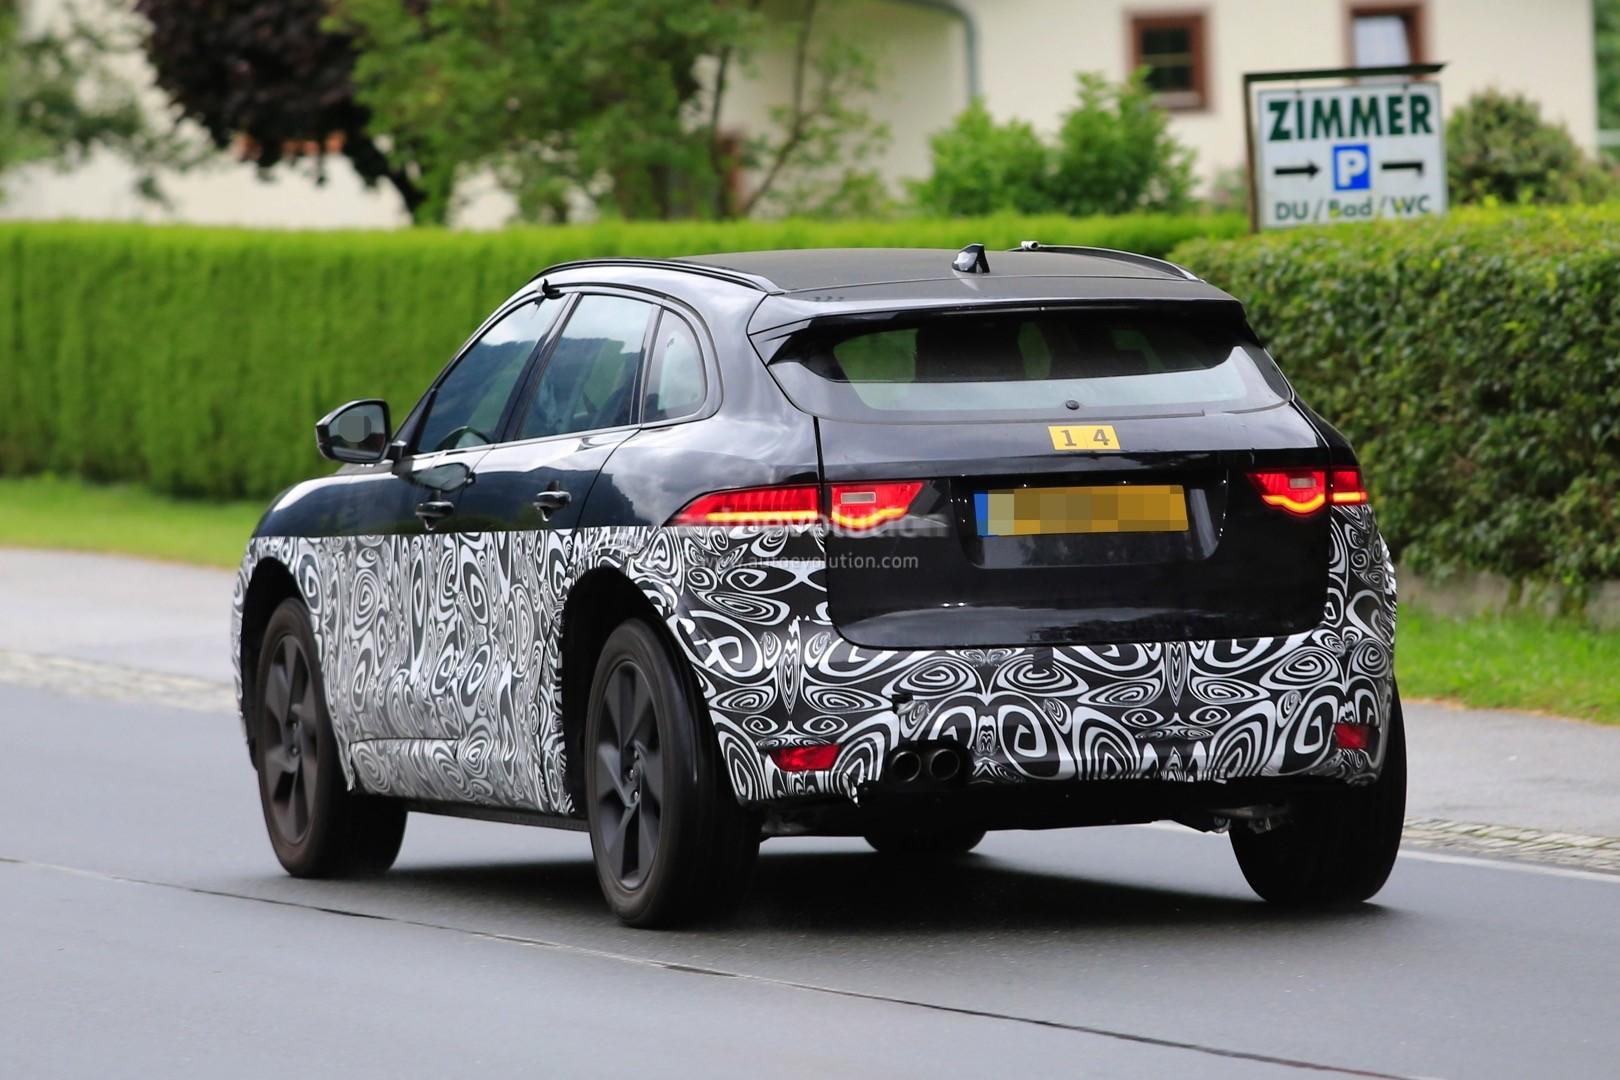 jaguar f pace versi hybrid kepergok sedang uji jalan. Black Bedroom Furniture Sets. Home Design Ideas